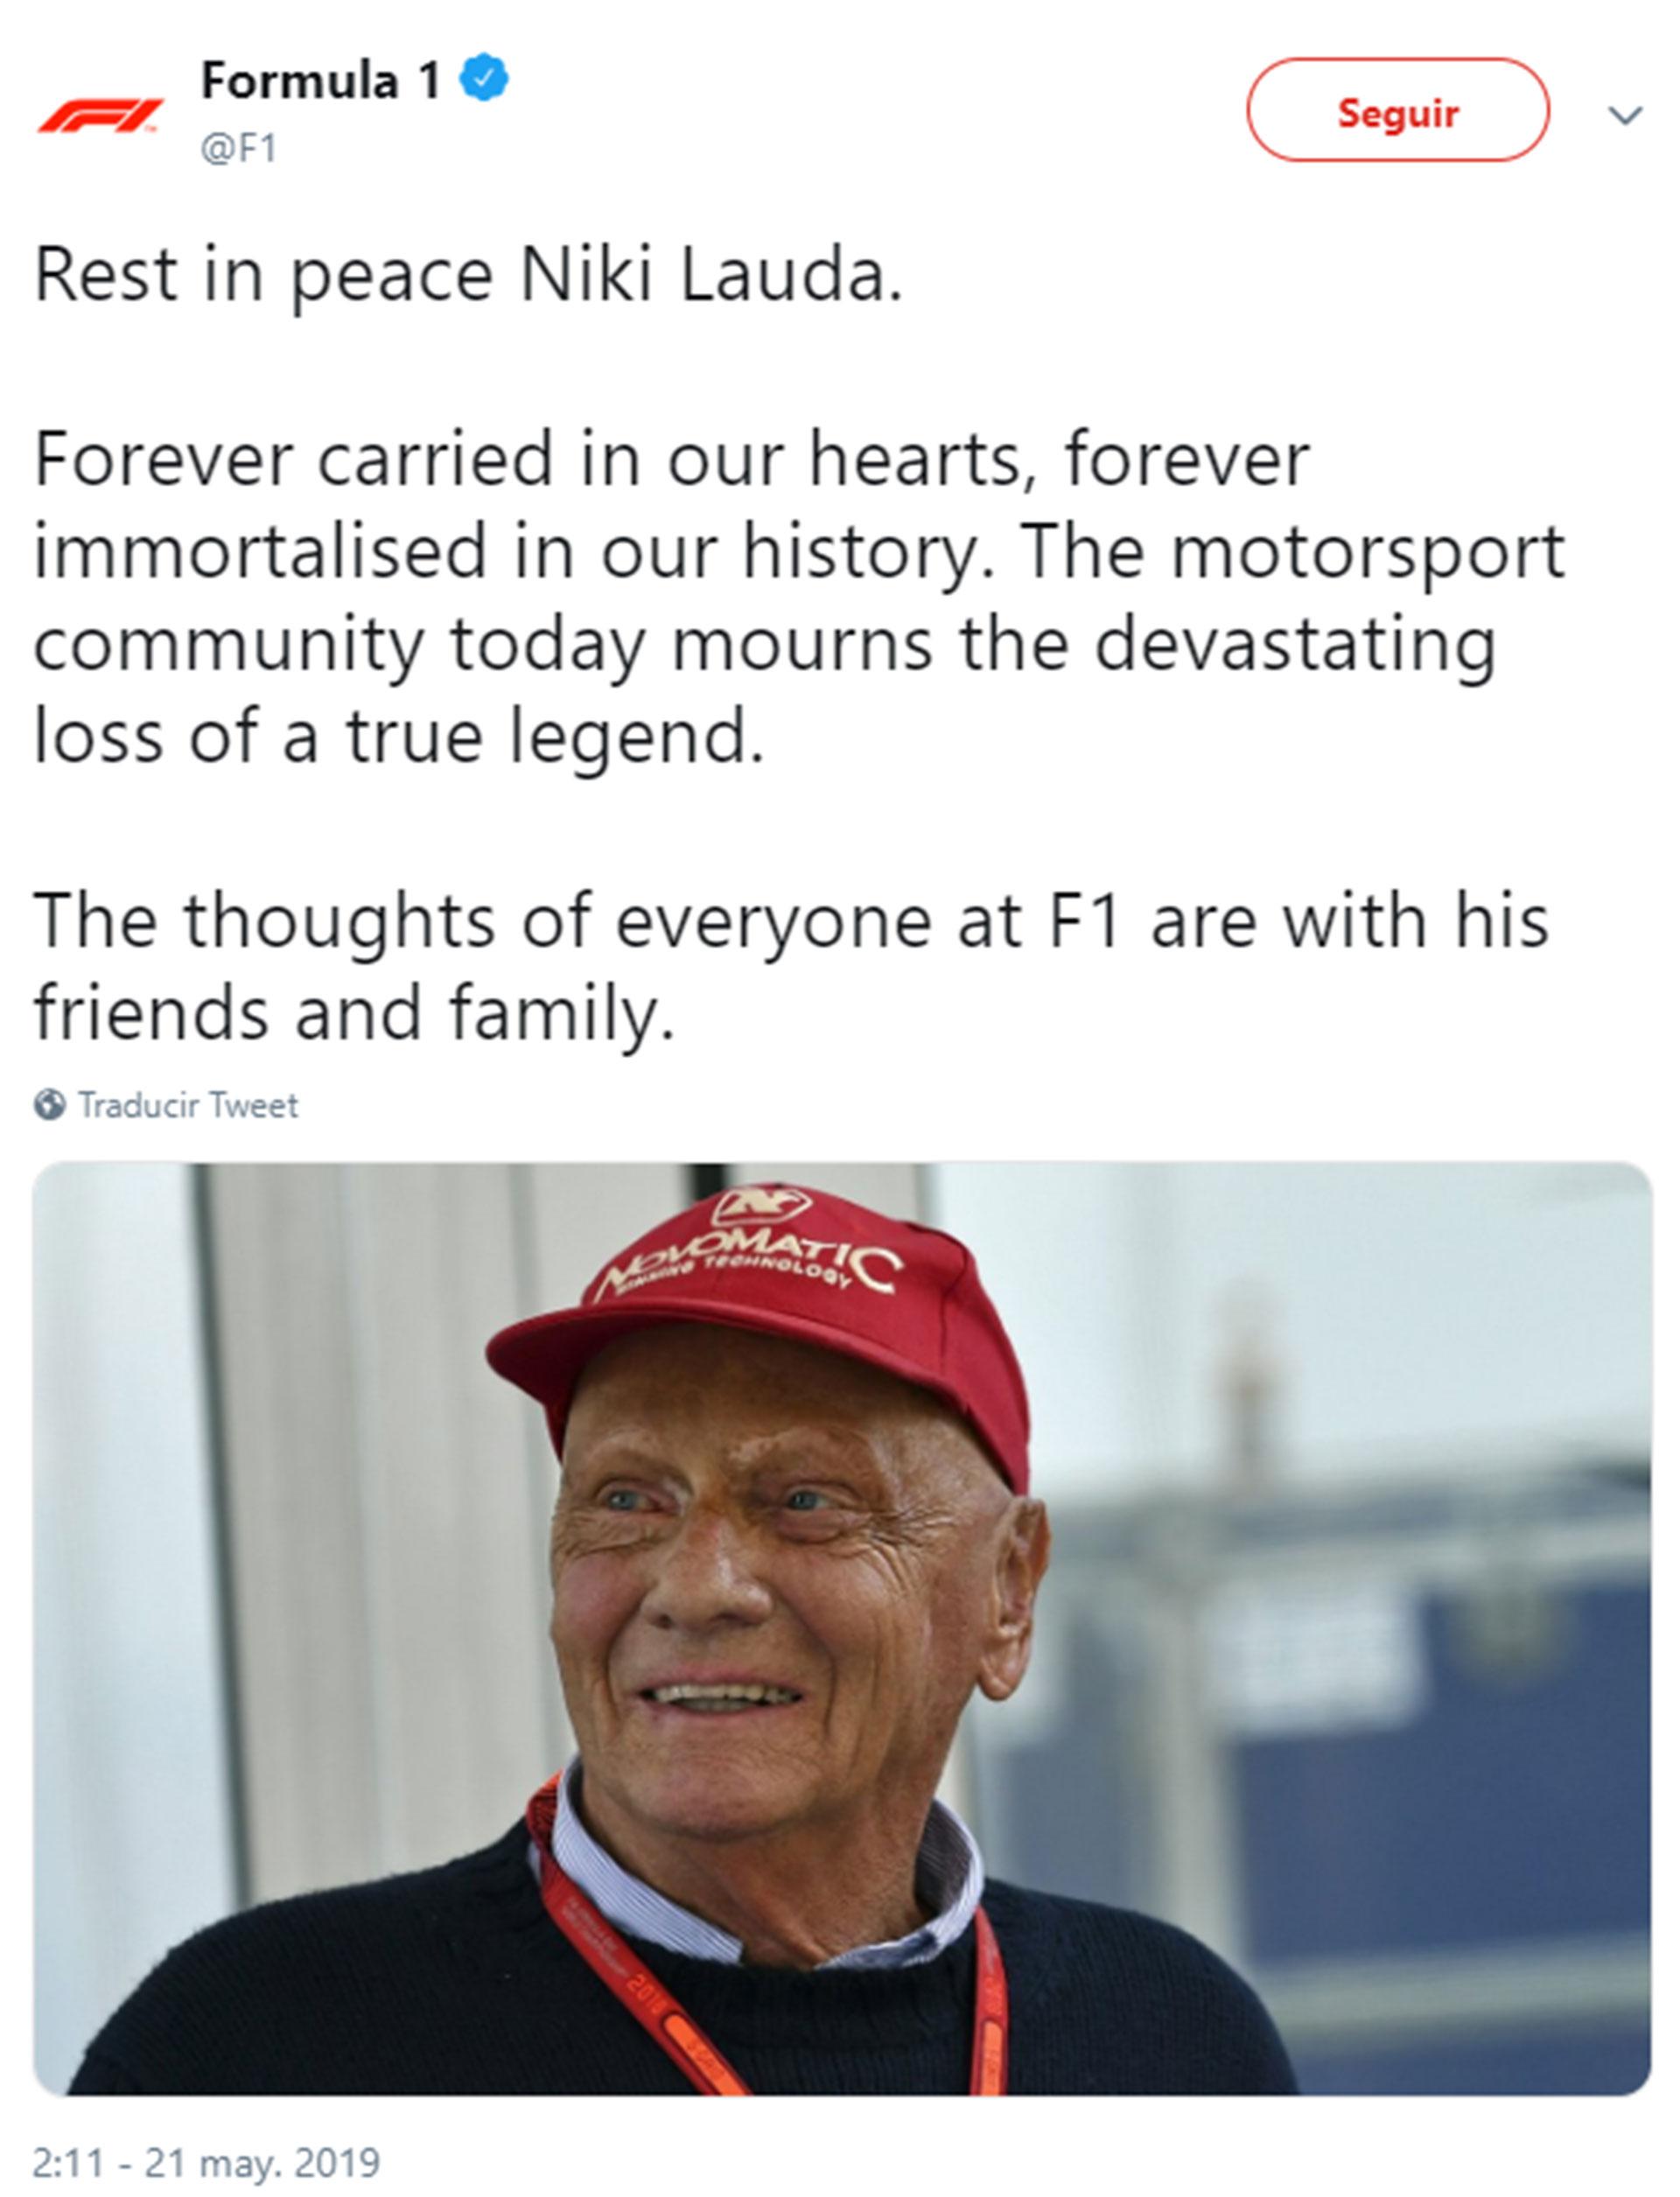 La Fórmula 1 escribió un conmovedor mensaje para Lauda, fallecido a los 70 años